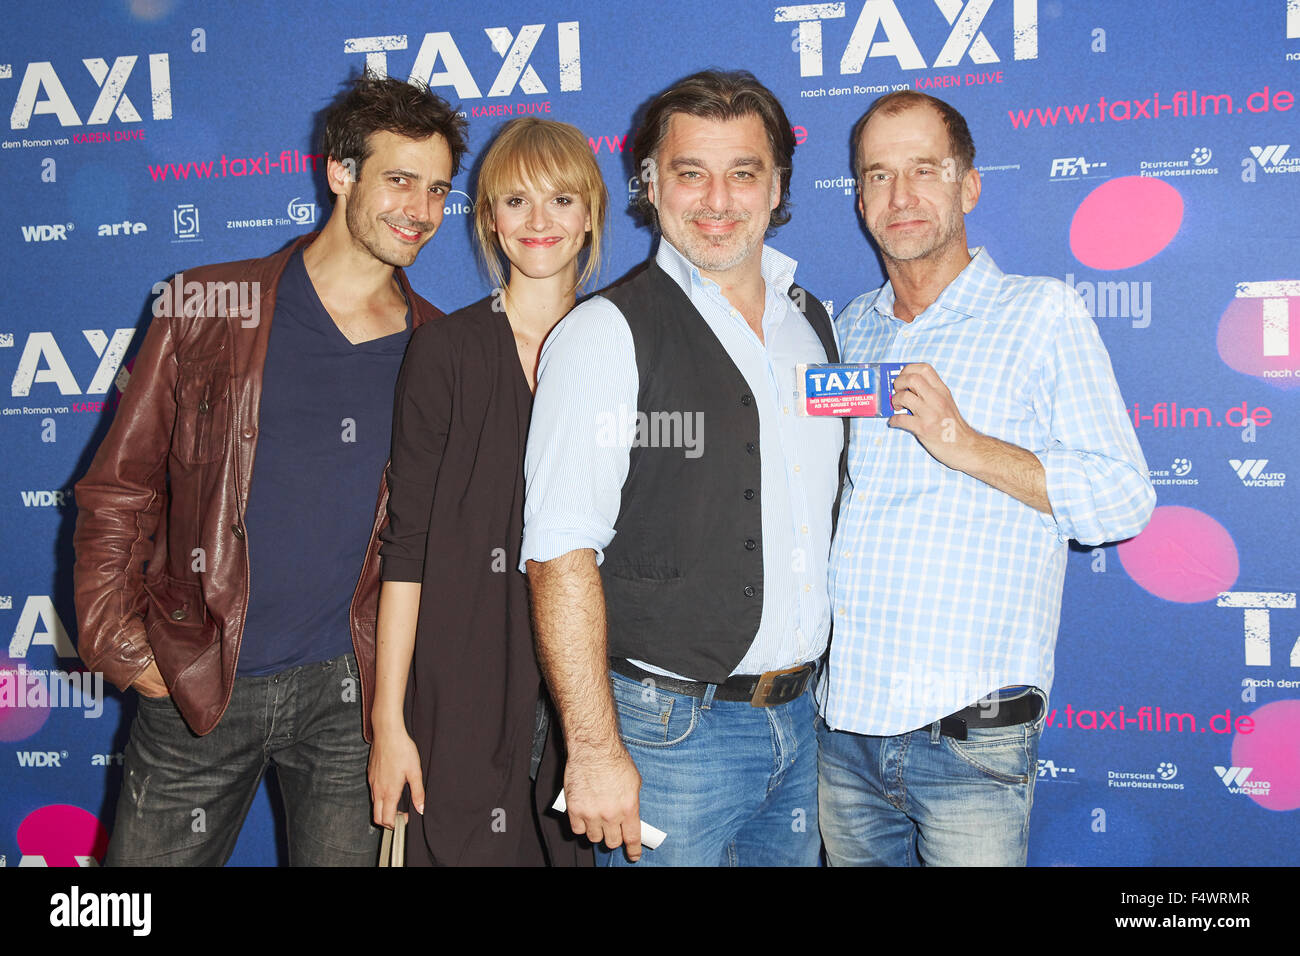 Schön Premiere Movie Taxi Featuring: Valentin Schreyer, Cosima Viola, Erkan  Gündüz, Georg Uecker Where: Cologne, Germany When: 20 Aug 2015